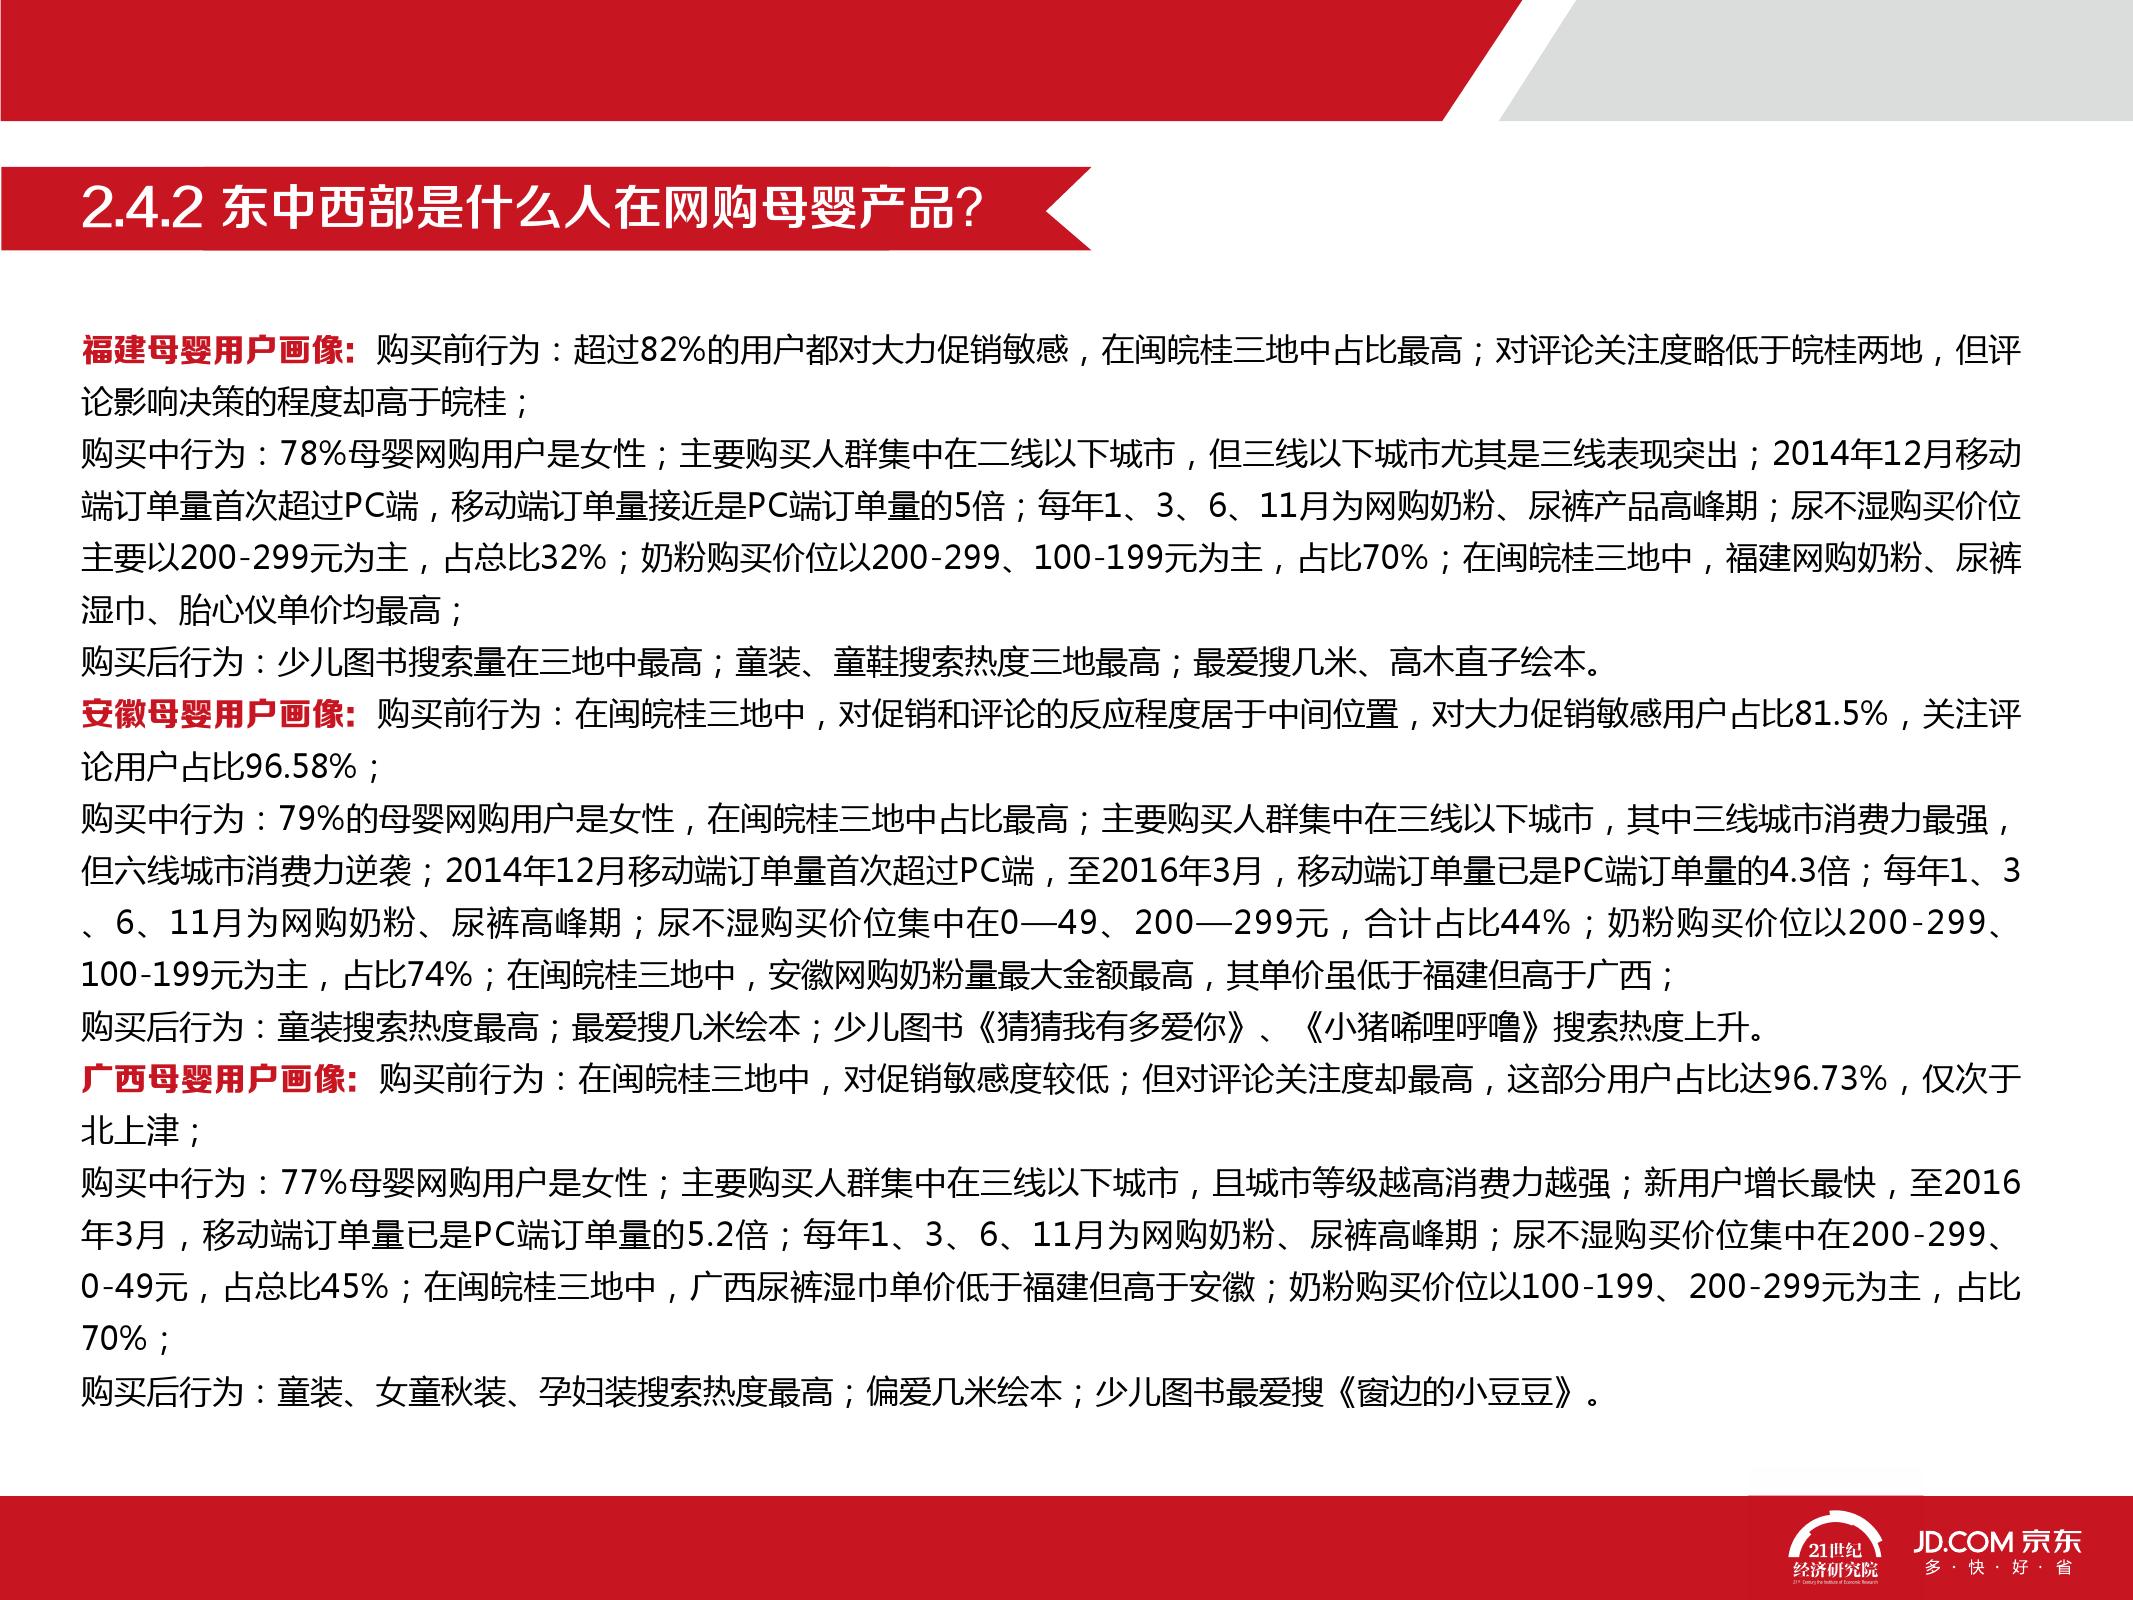 2016中国母婴产品消费趋势报告_000036